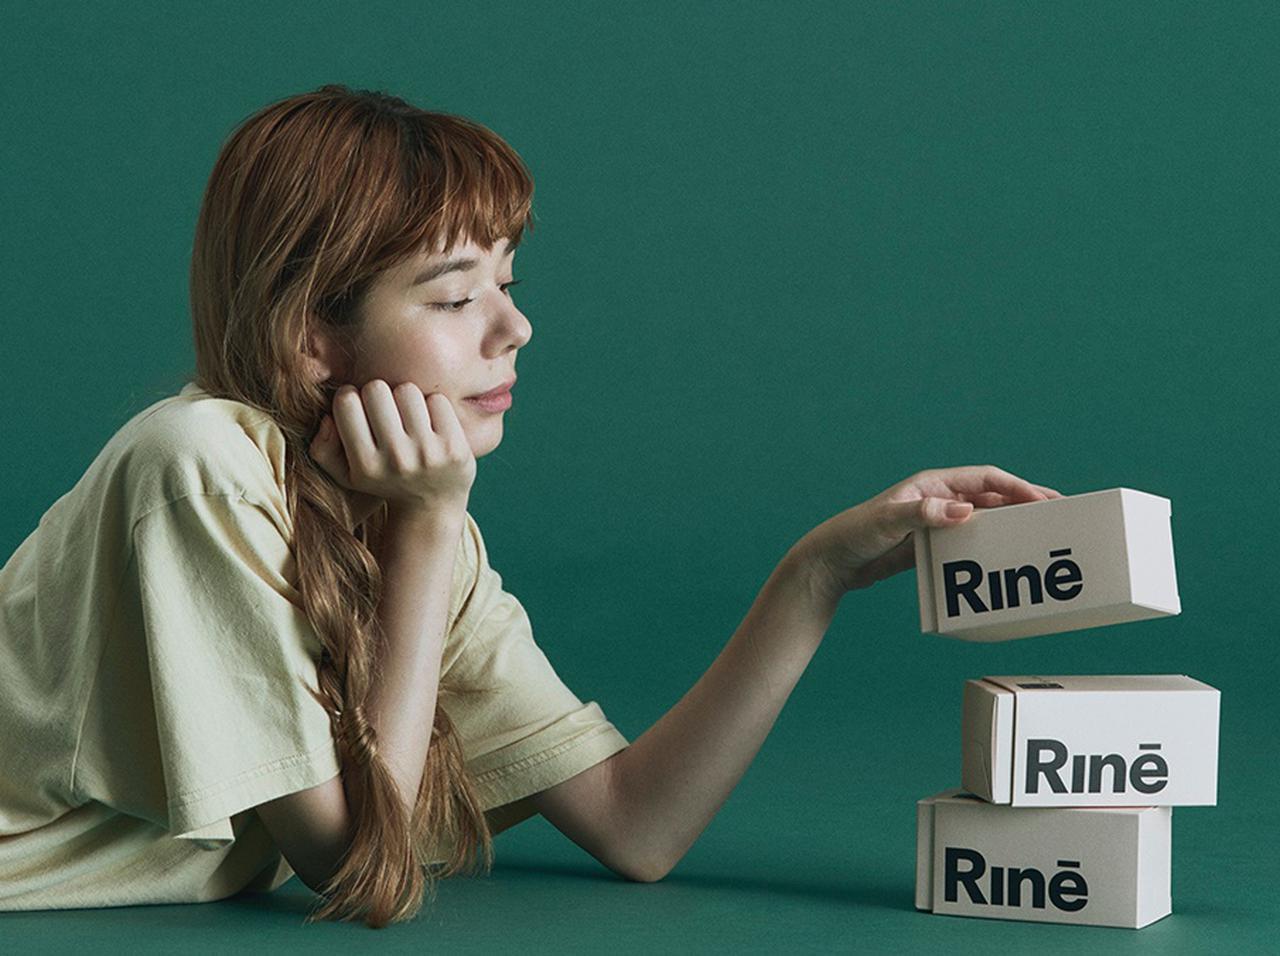 画像2: 「Rinē」の吸水ショーツに新サイズが仲間入り